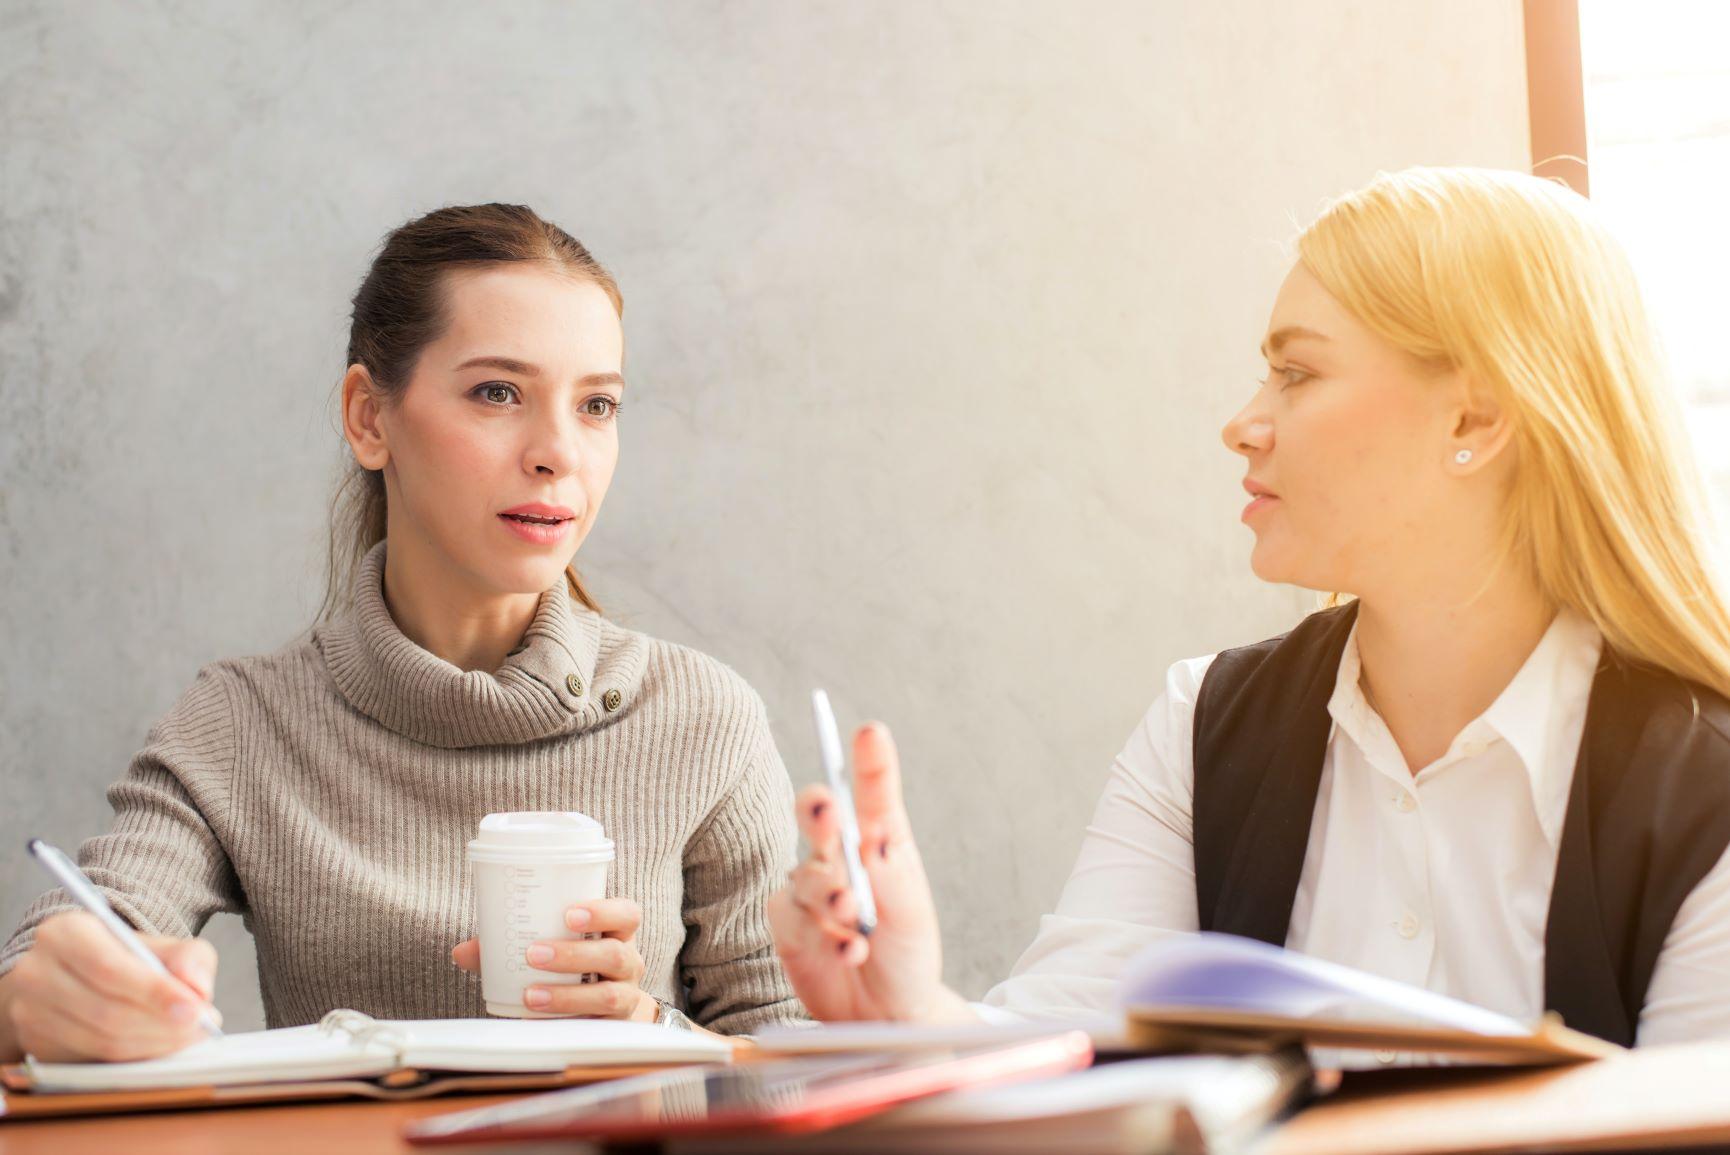 Zwei Frauen unterhalten sich bei Arbeit